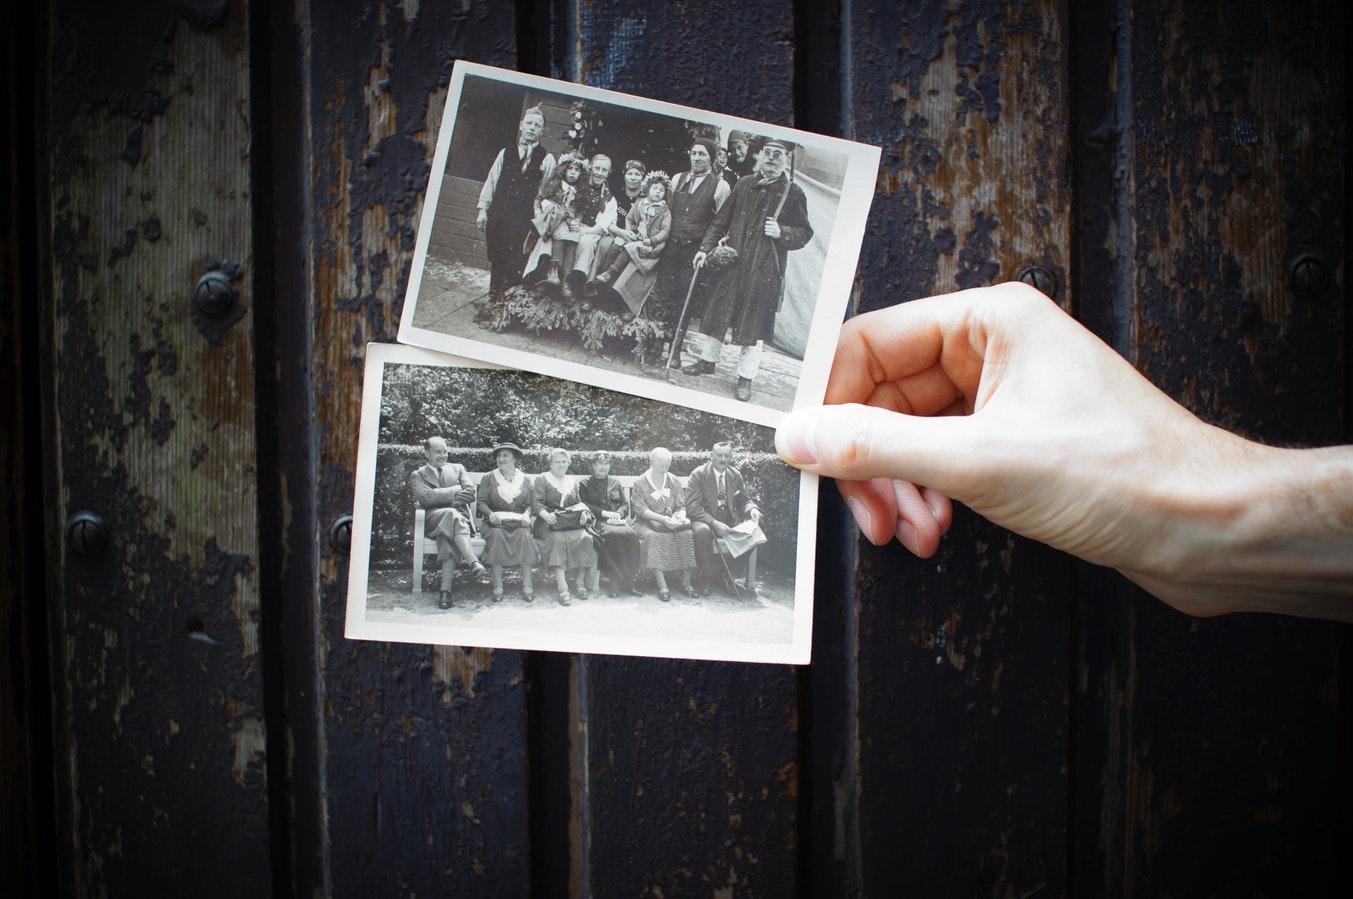 Anciennes photographies en noir et blanc, travail sur la mémoire